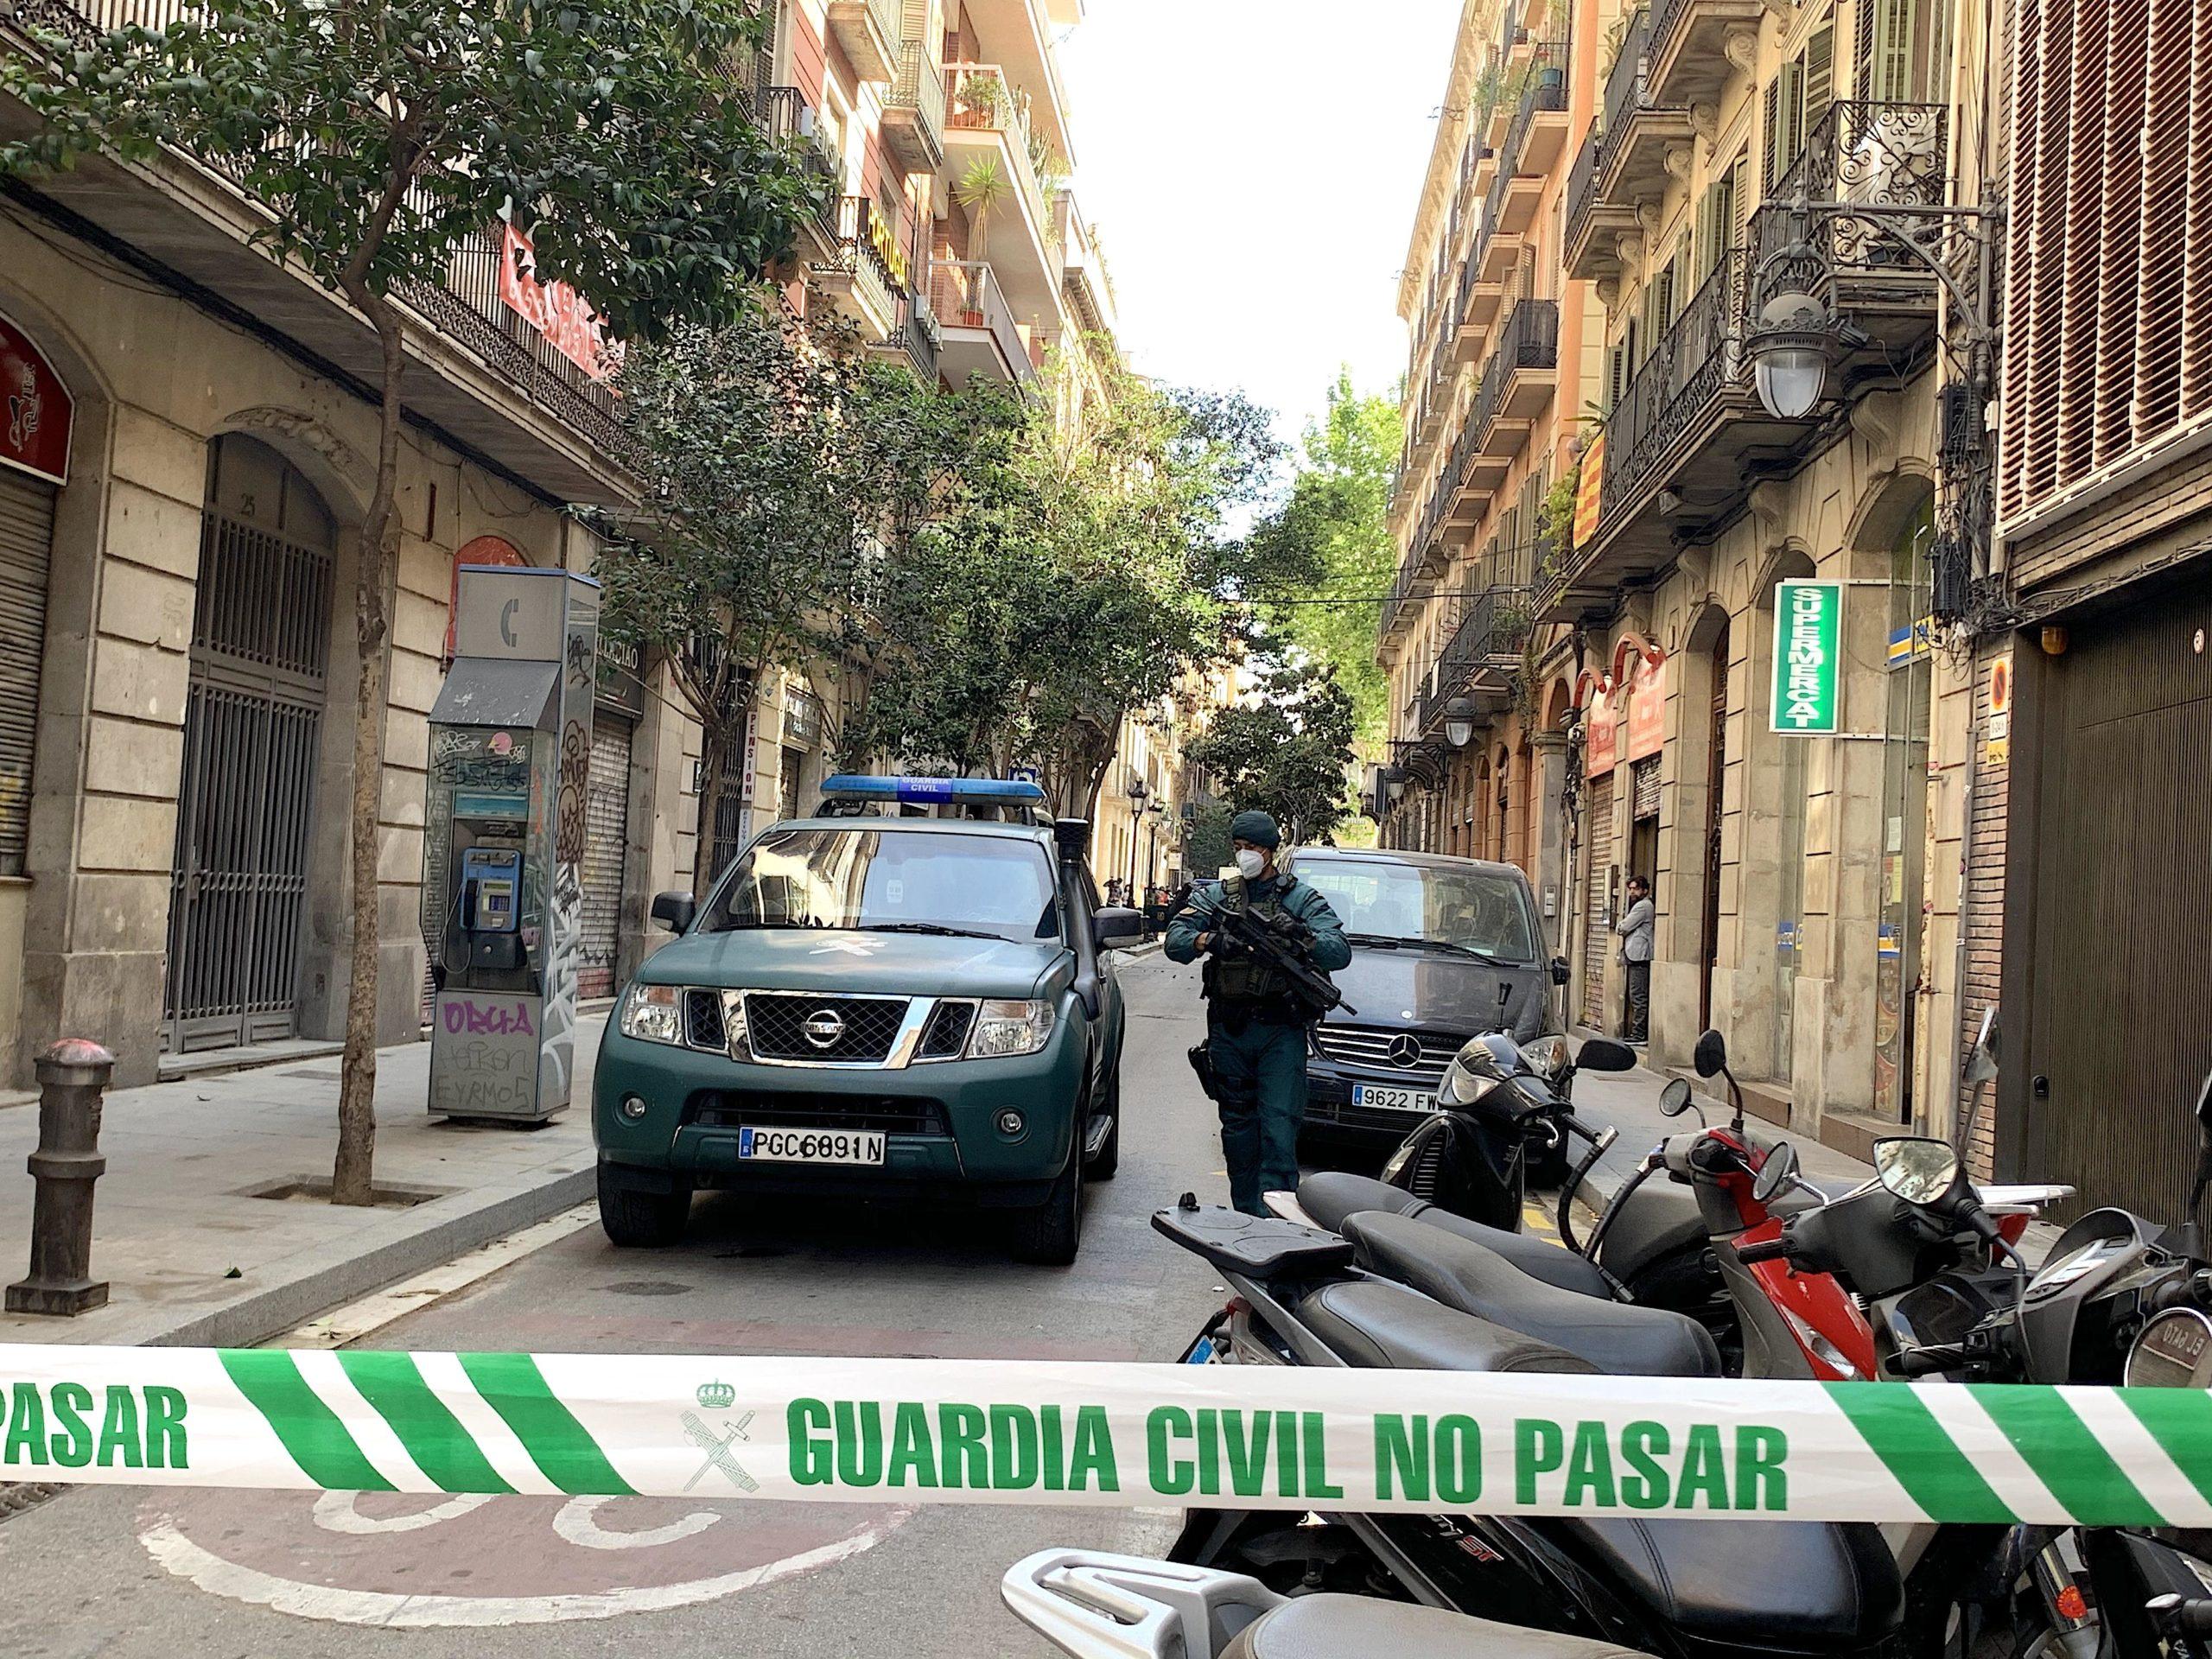 La Guàrdia Civil, acordonant el carrer Anselm Clavé mentre escorcollaven el pis del suposat 'llop solitari' que volia cometre atemptats terroristes en suport de l'Estat Islàmic / S.B.